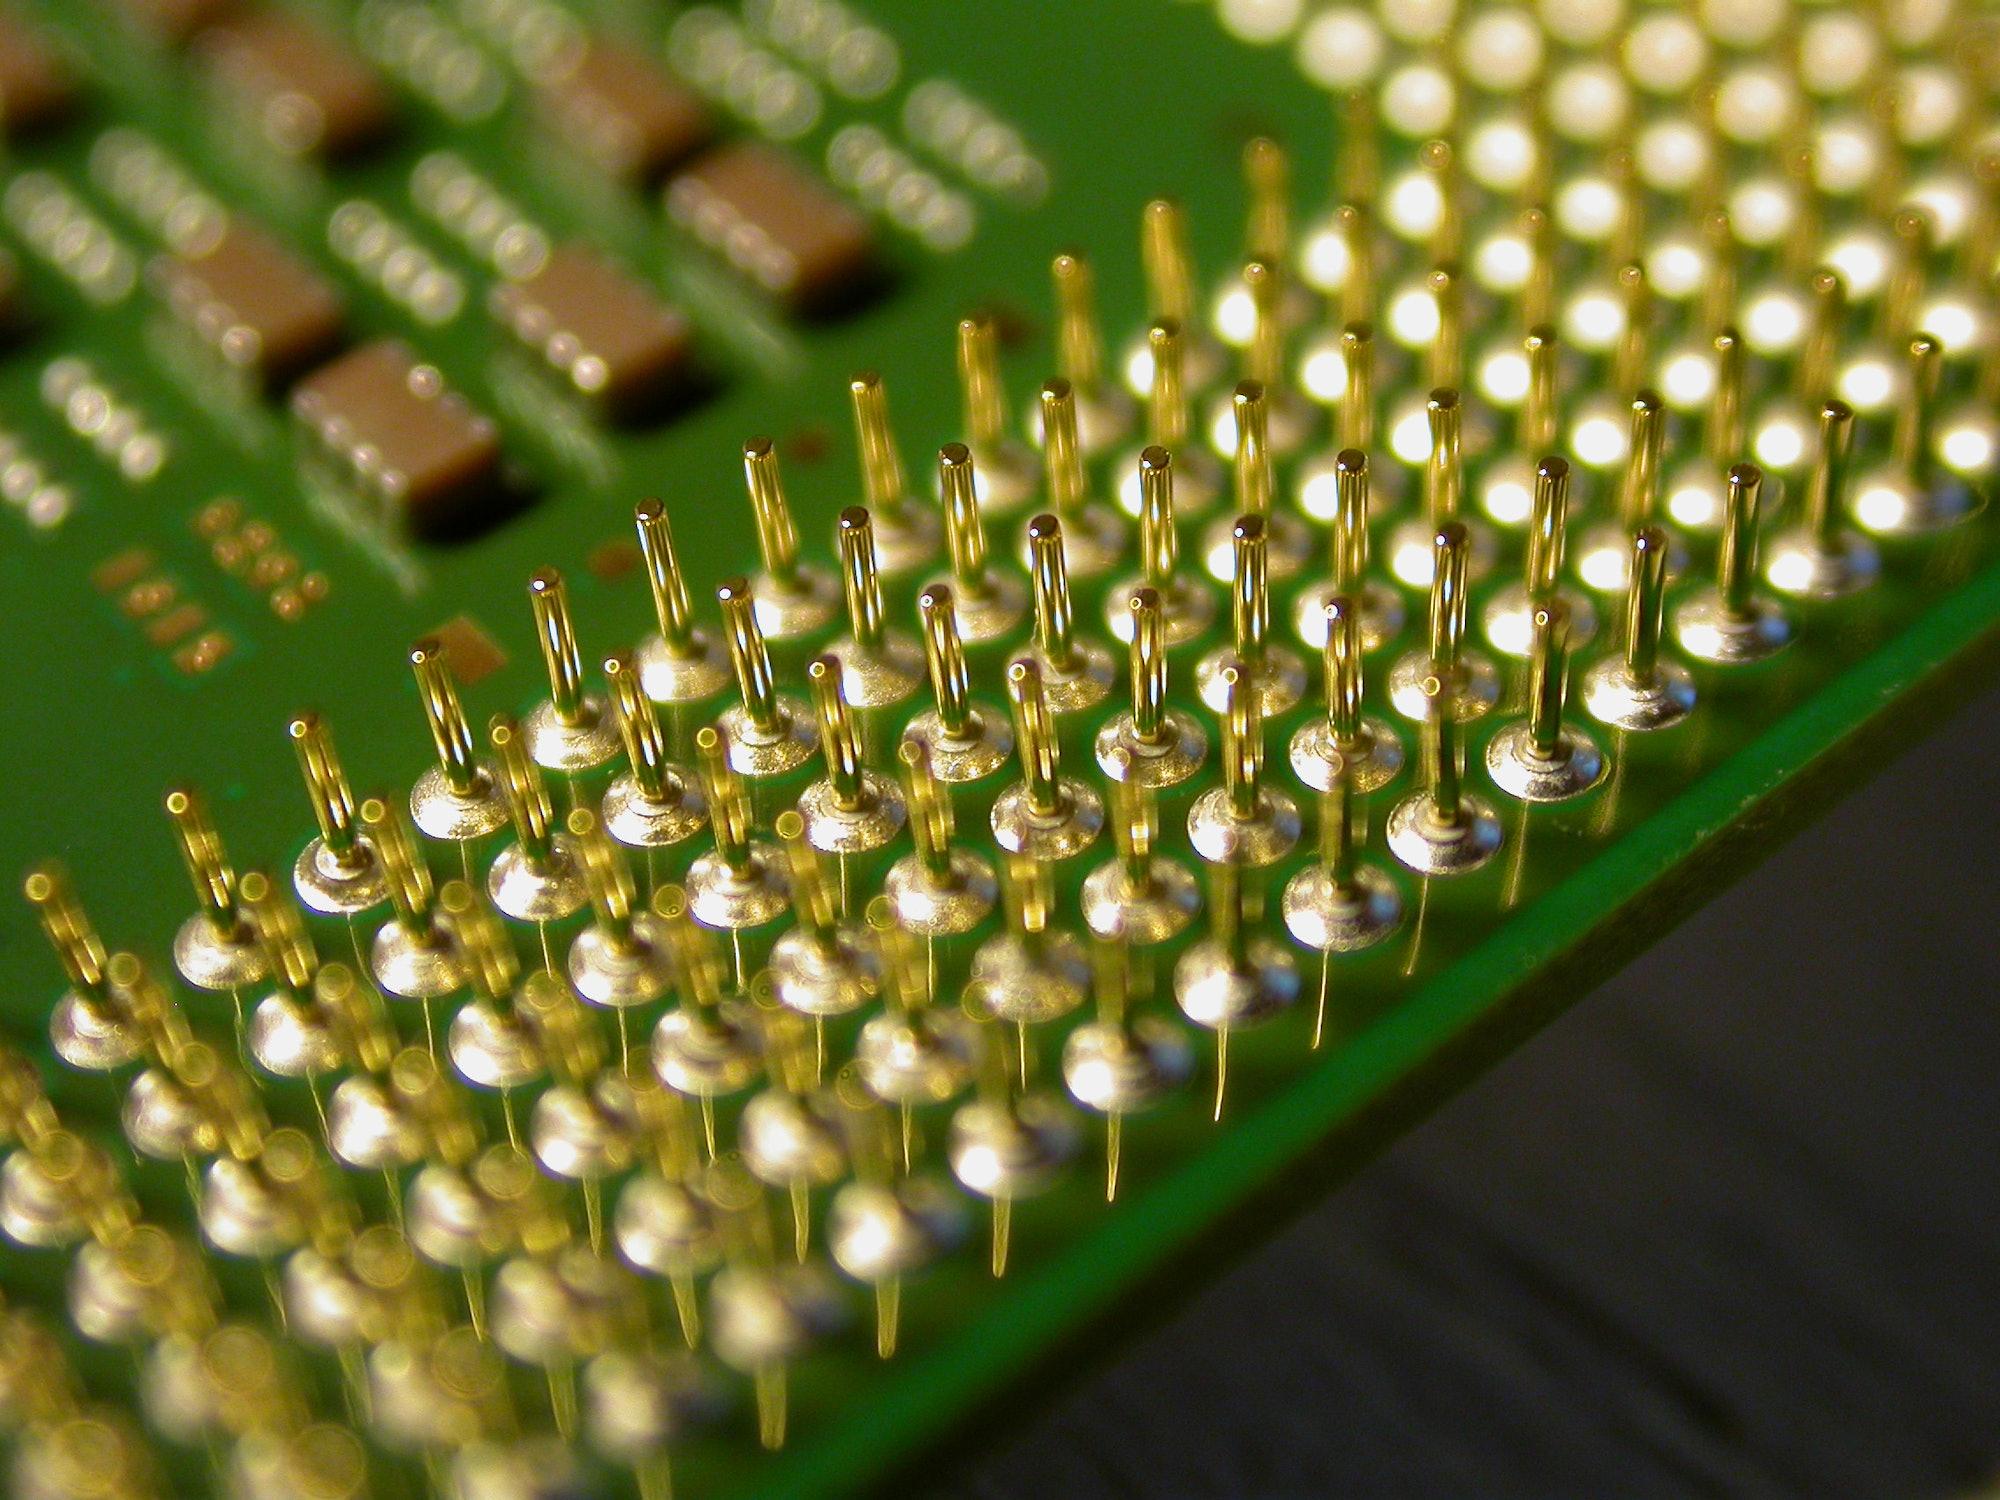 Close-up of a computer processor.